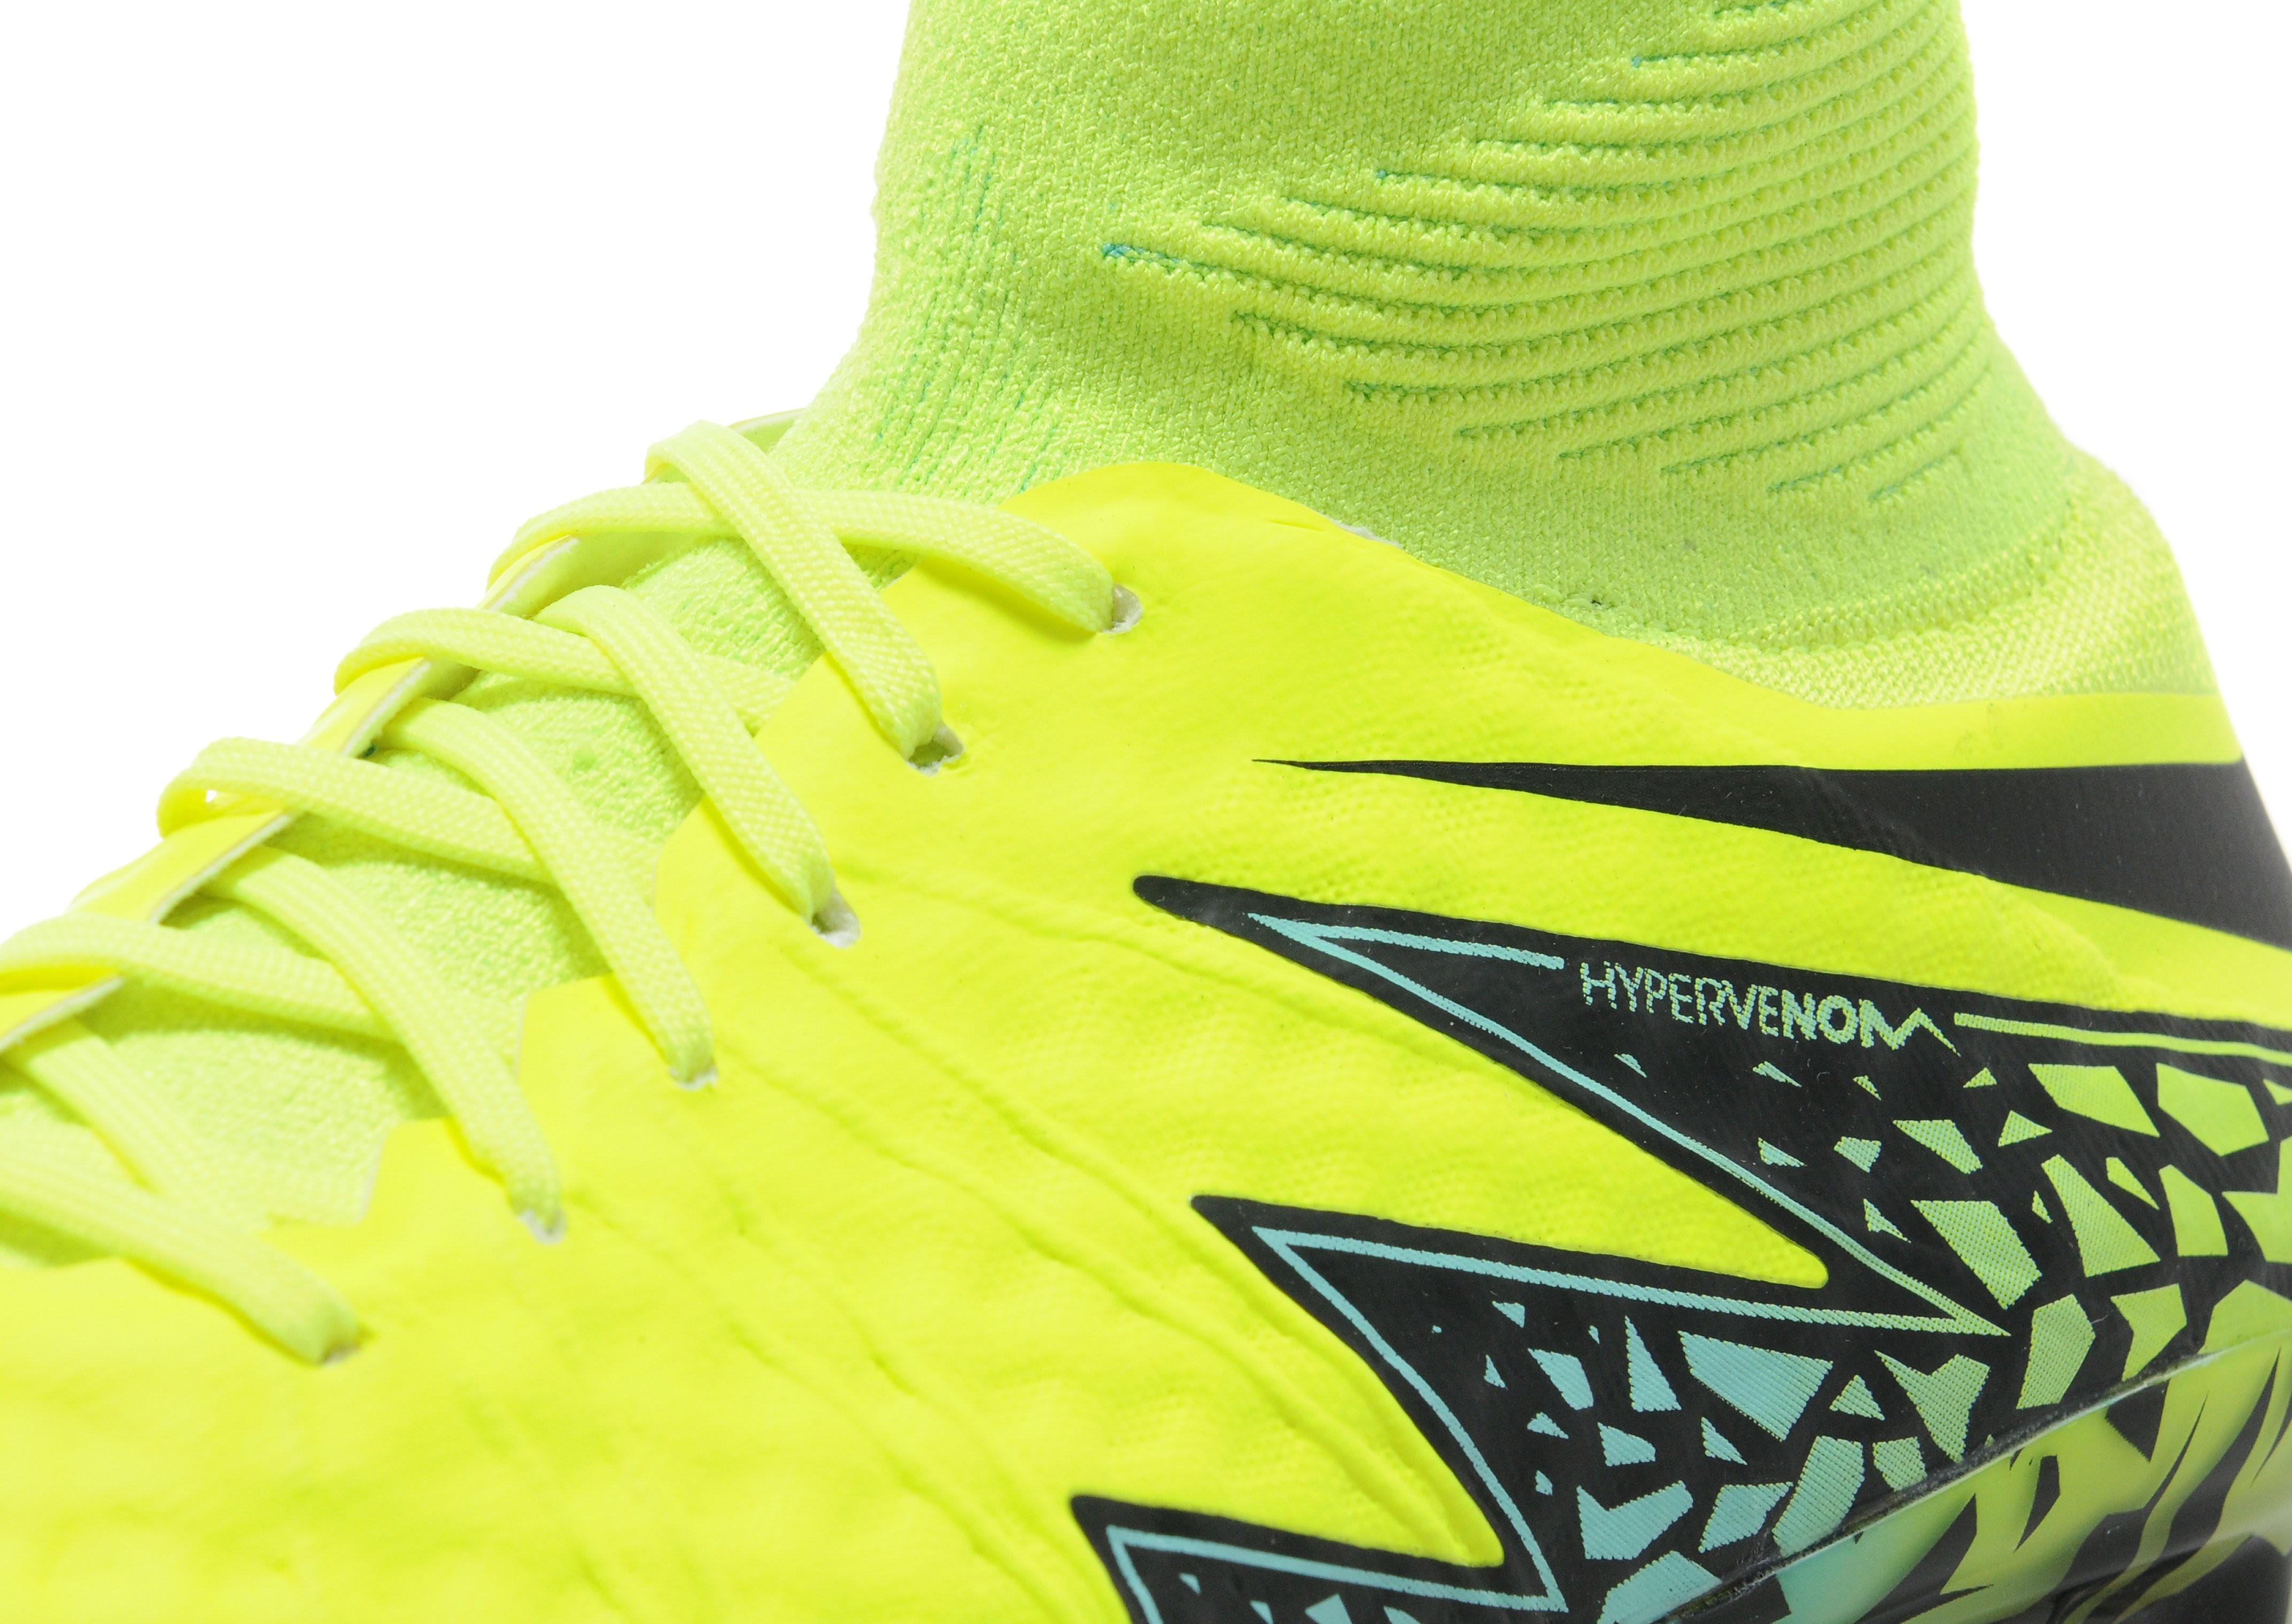 Nike Spark Brilliance Hypervenom Phantom II FG